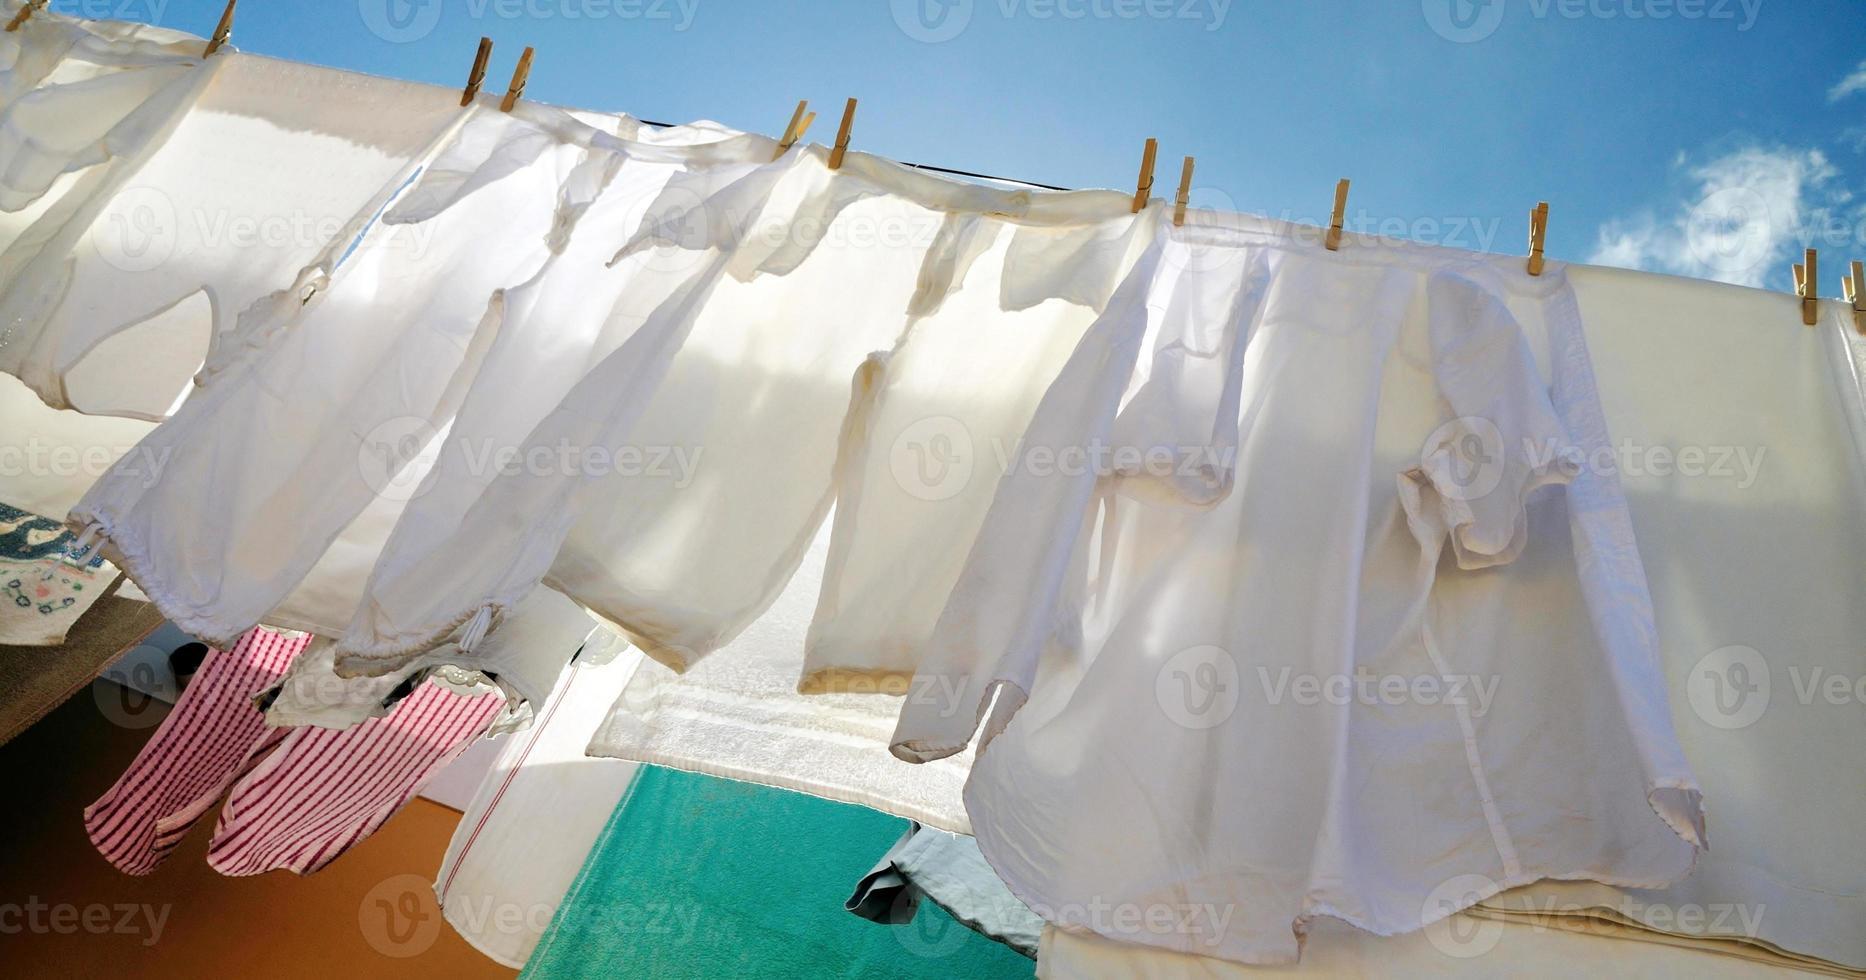 secando roupa em um varal foto